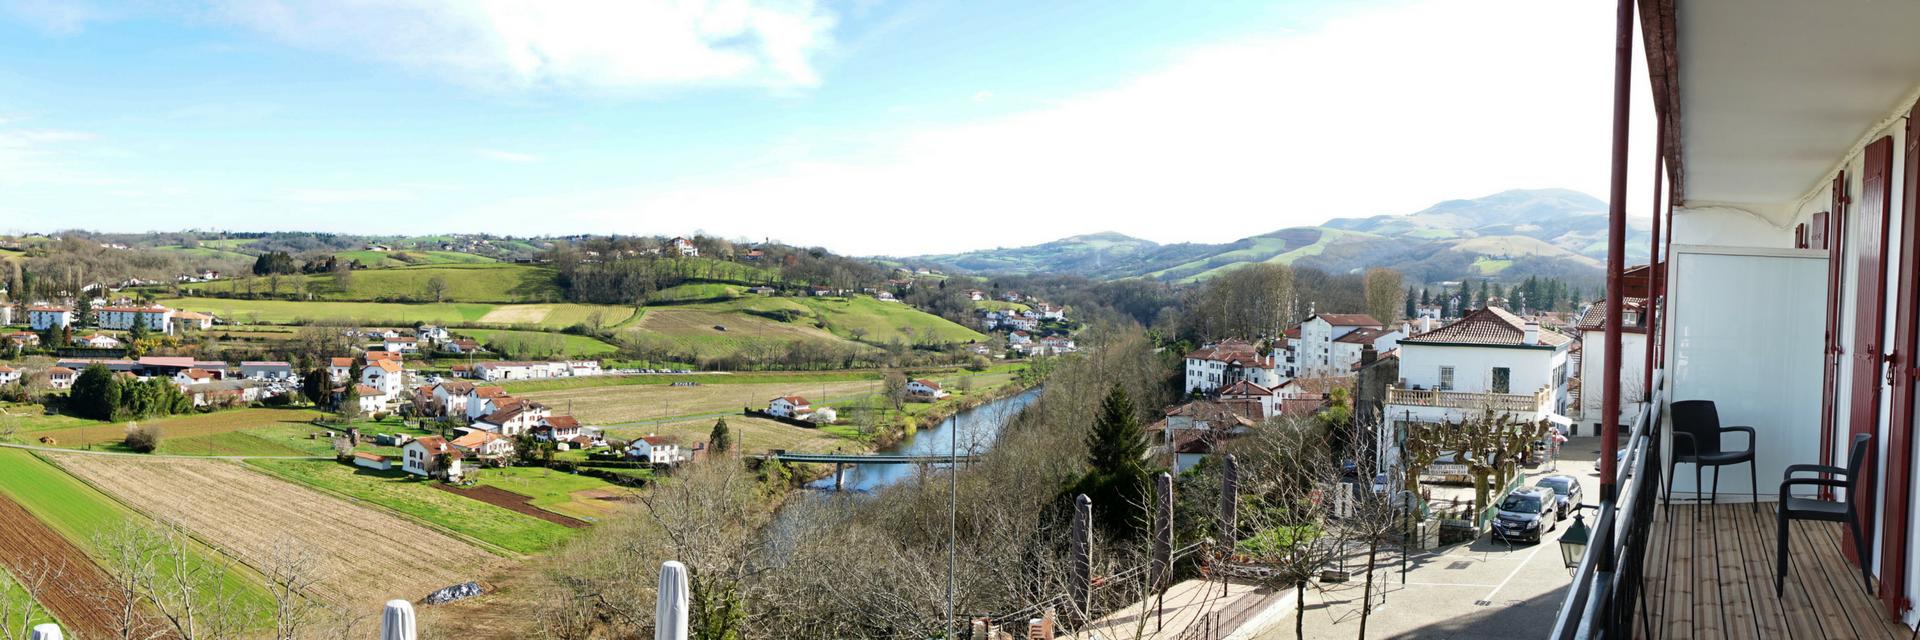 Photo panorama 1